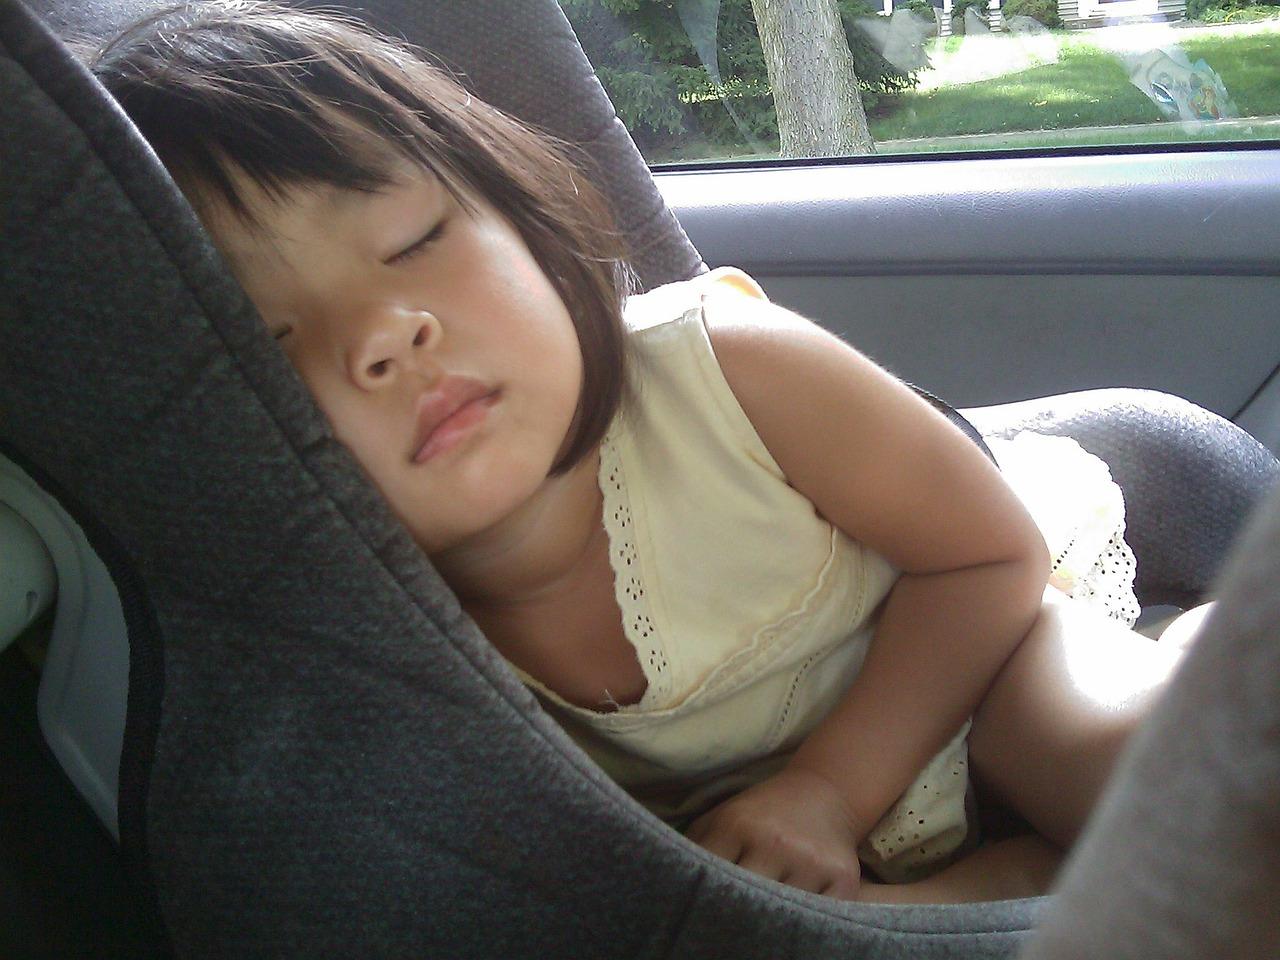 Mai lasciare i bambini in macchina